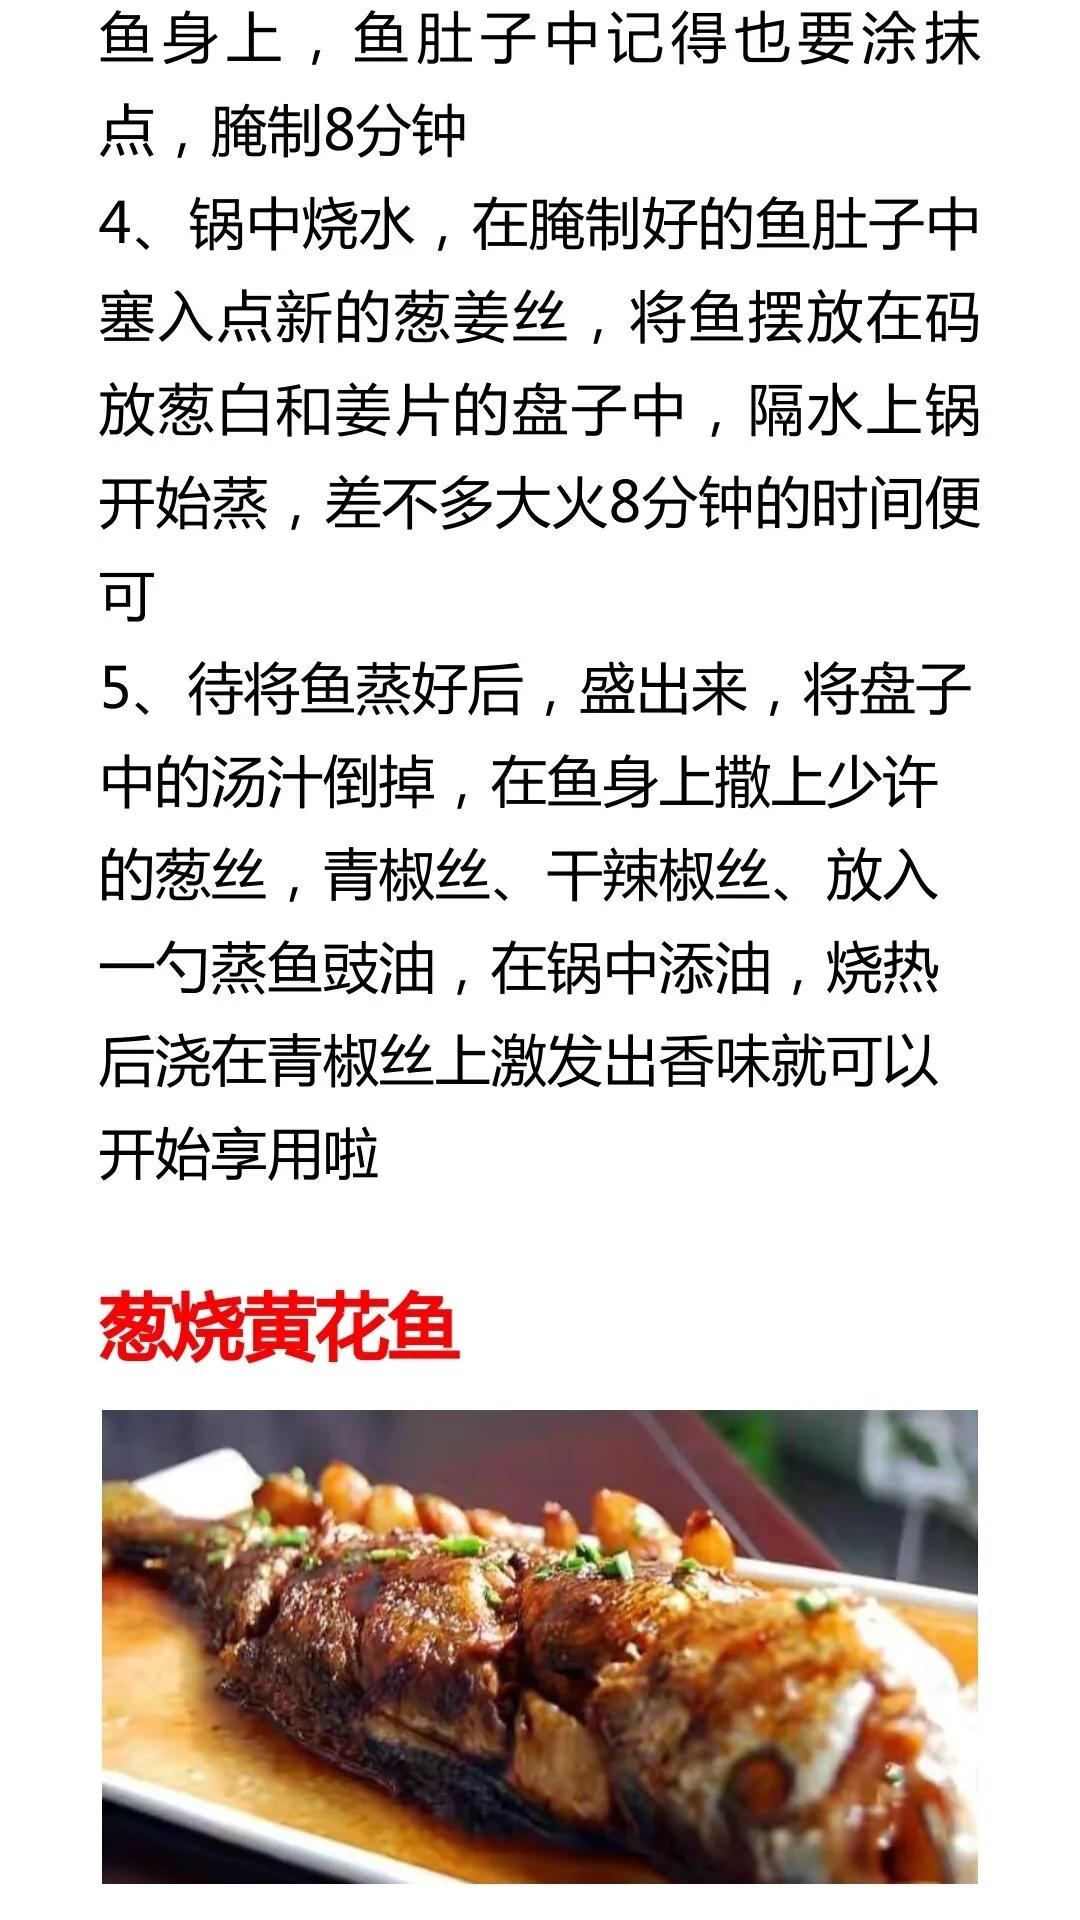 家常鱼肉菜单做法大全!鱼的做法教程 美食做法 第11张